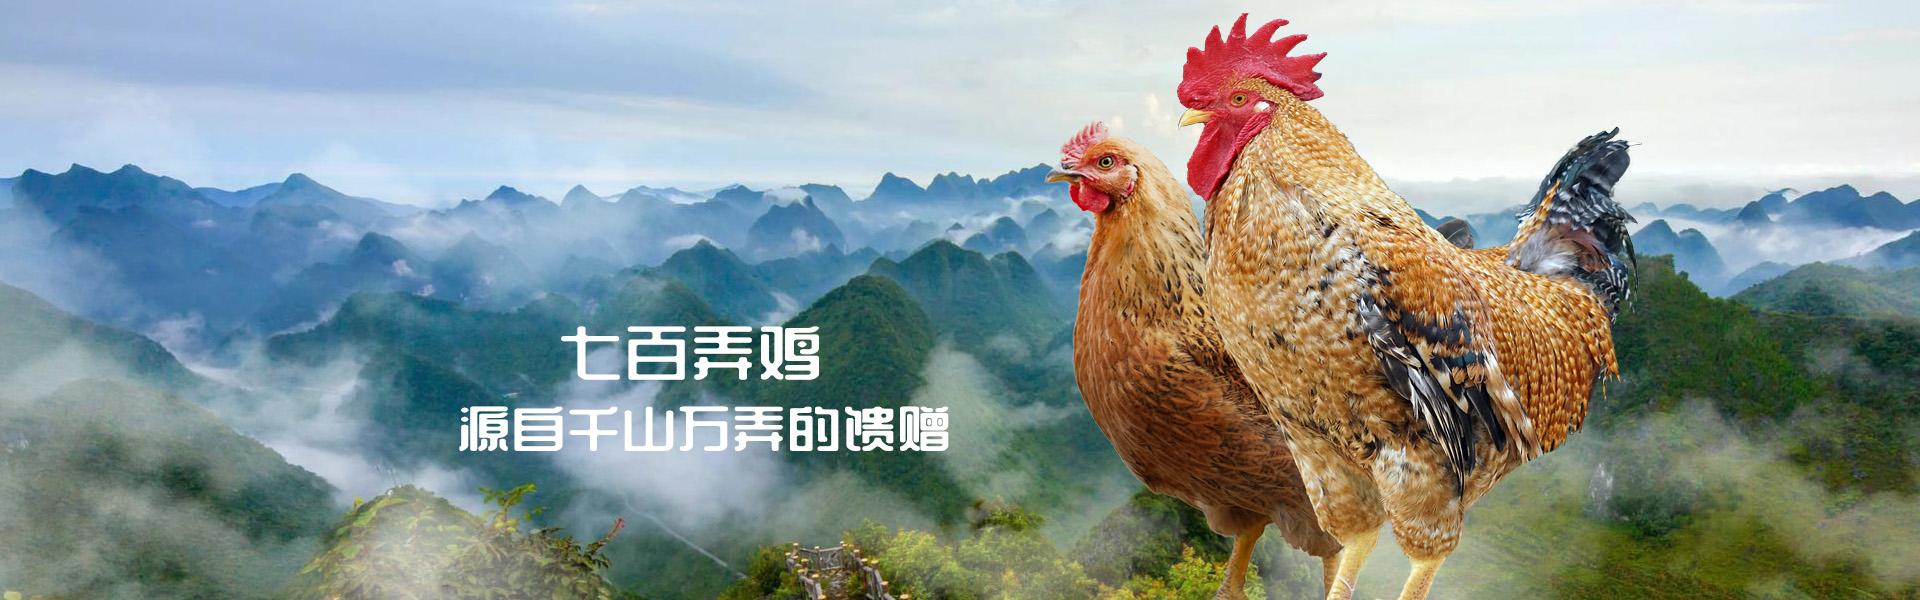 广西大化七百弄鸡